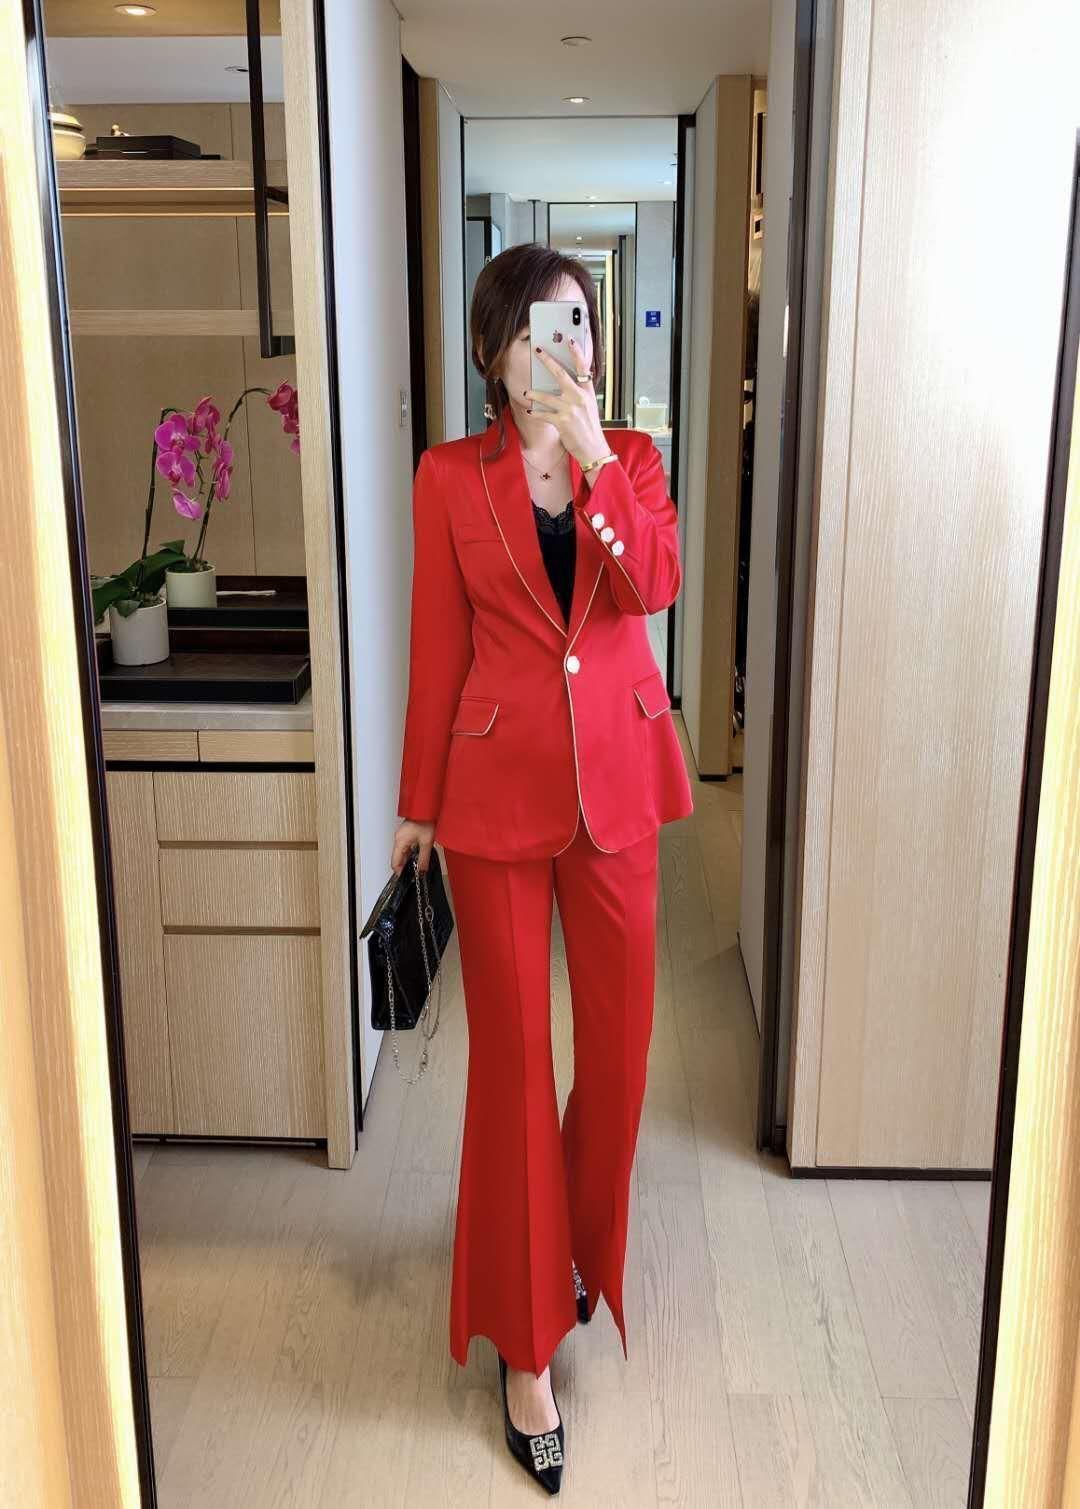 Designer Frauen Outfits Frauen zweiteilige Outfits Designer Lieblings besten gehetzt bester Verkauf 2020 New elegant modernen Stil KGS4